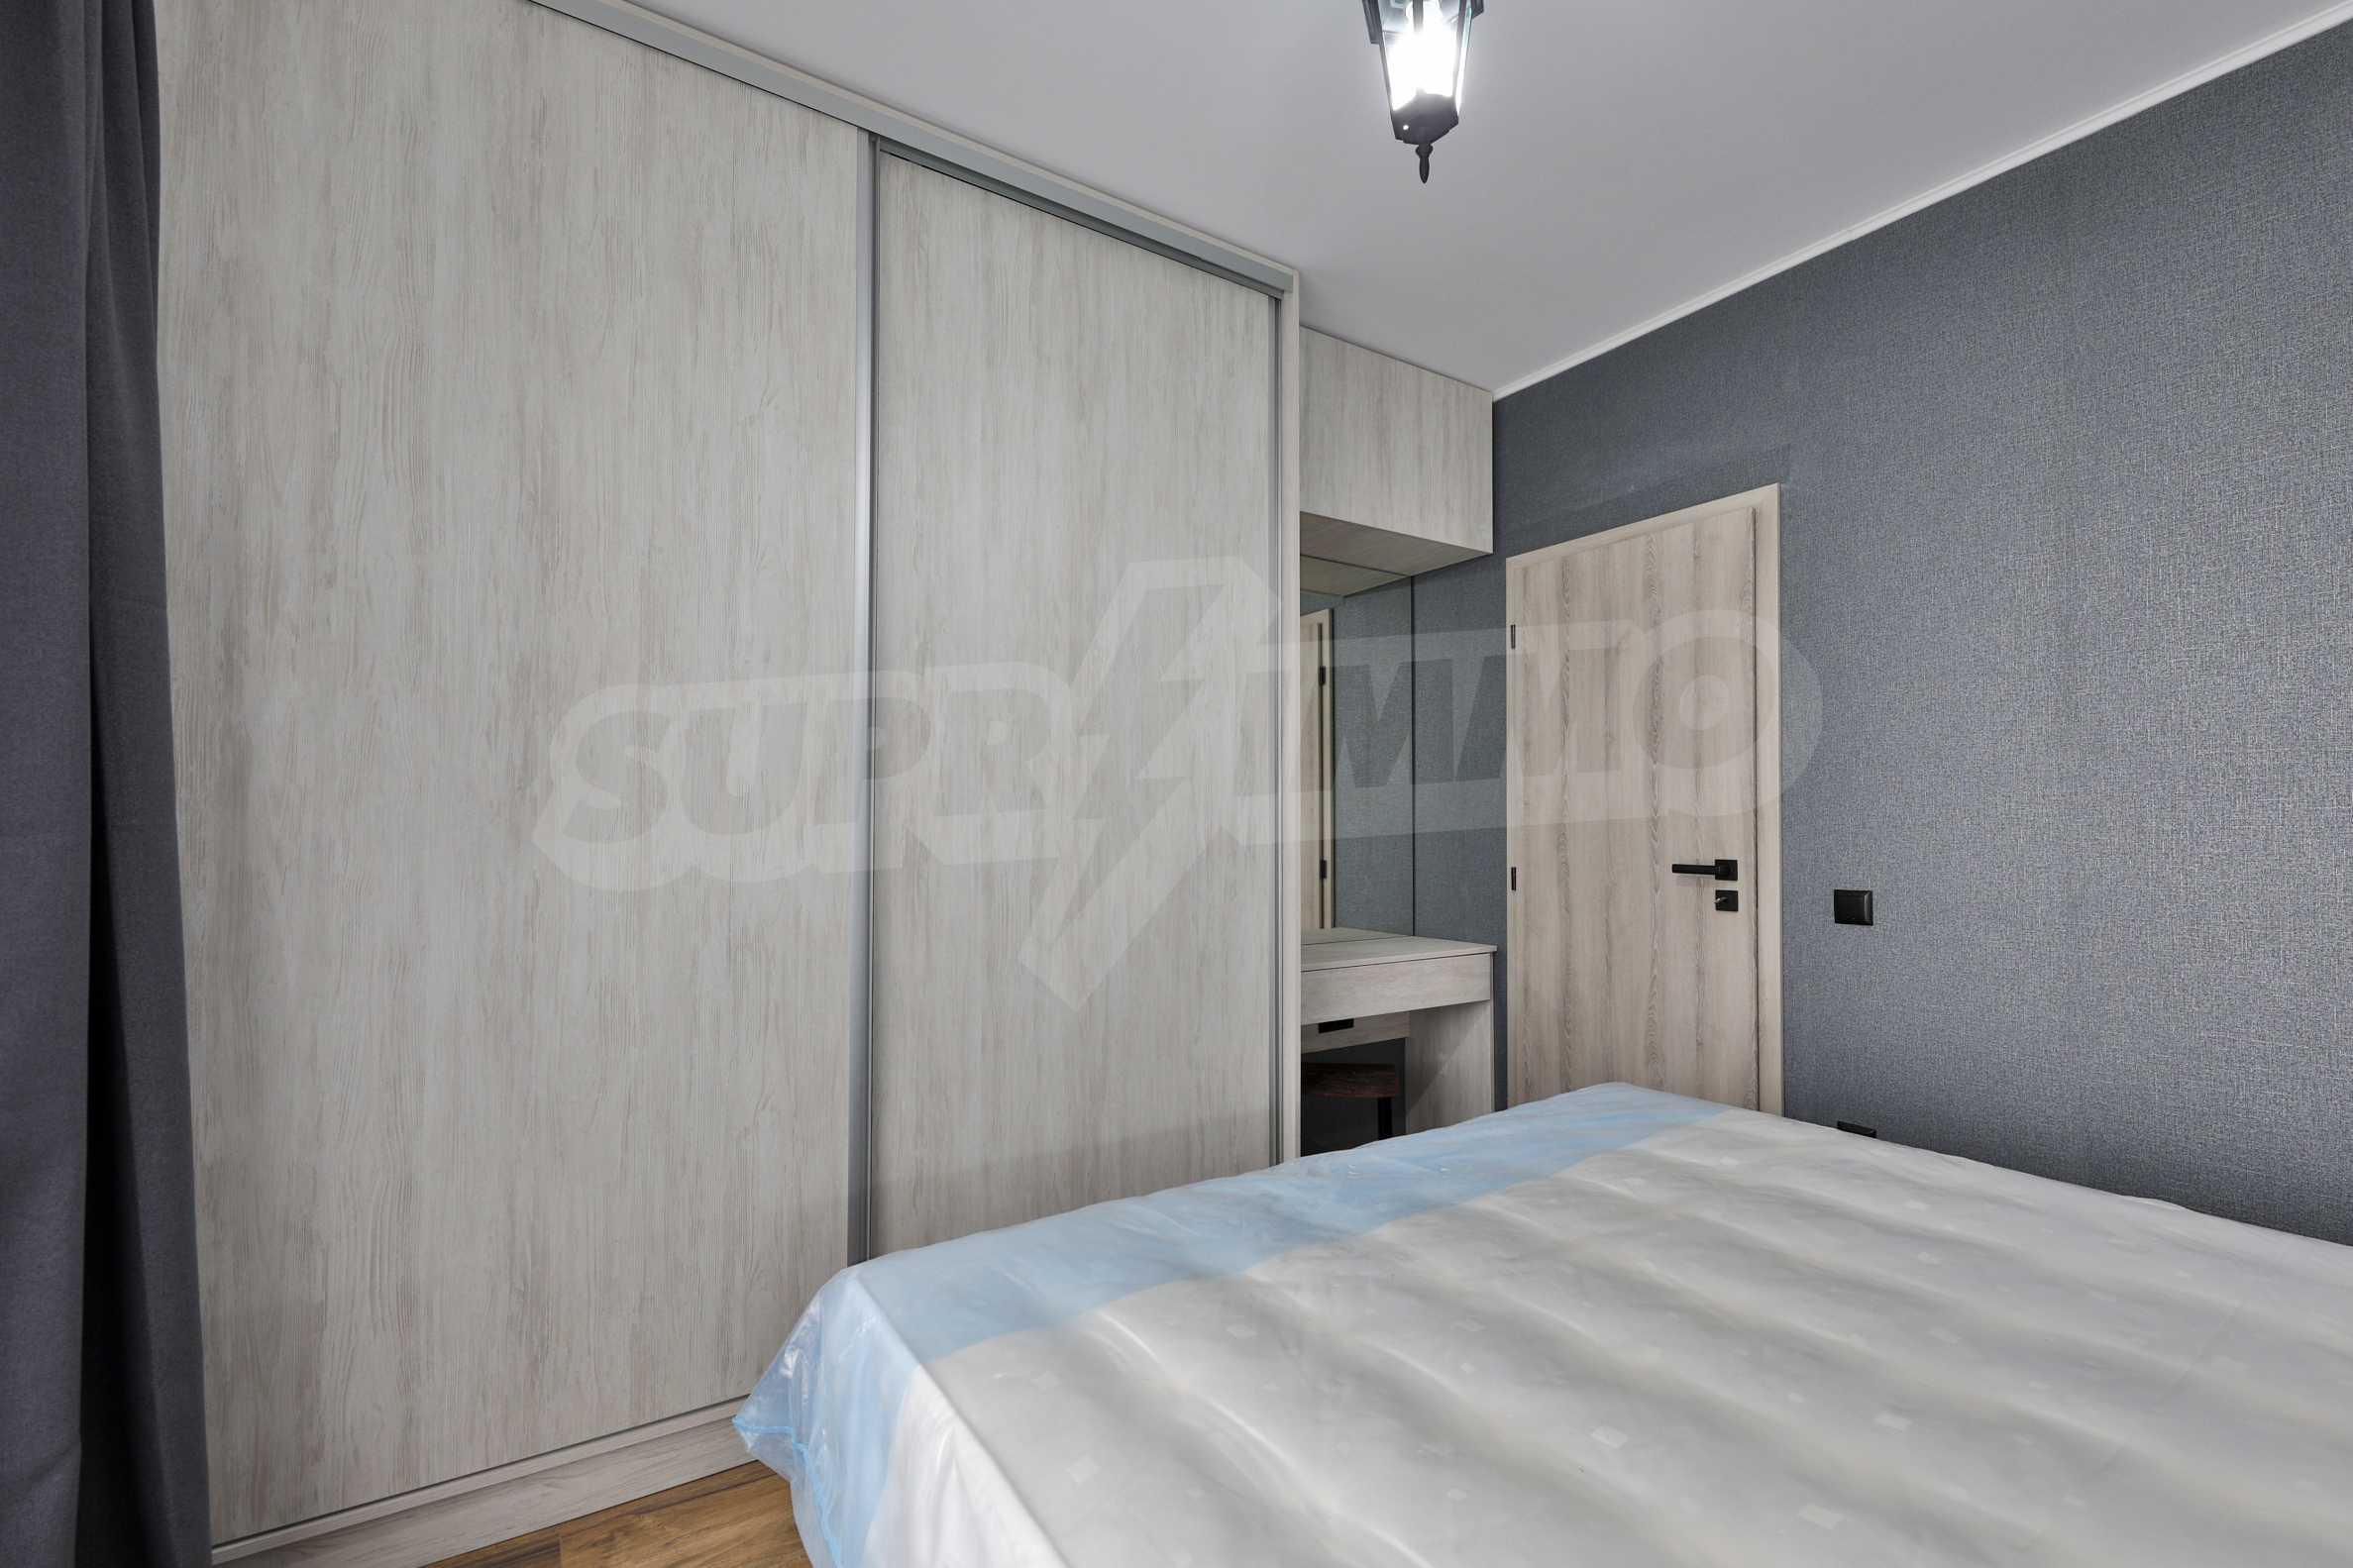 Нов, дизайнерски обзаведен двустаен апартамент с гараж в Центъра до метростанция и парк 12